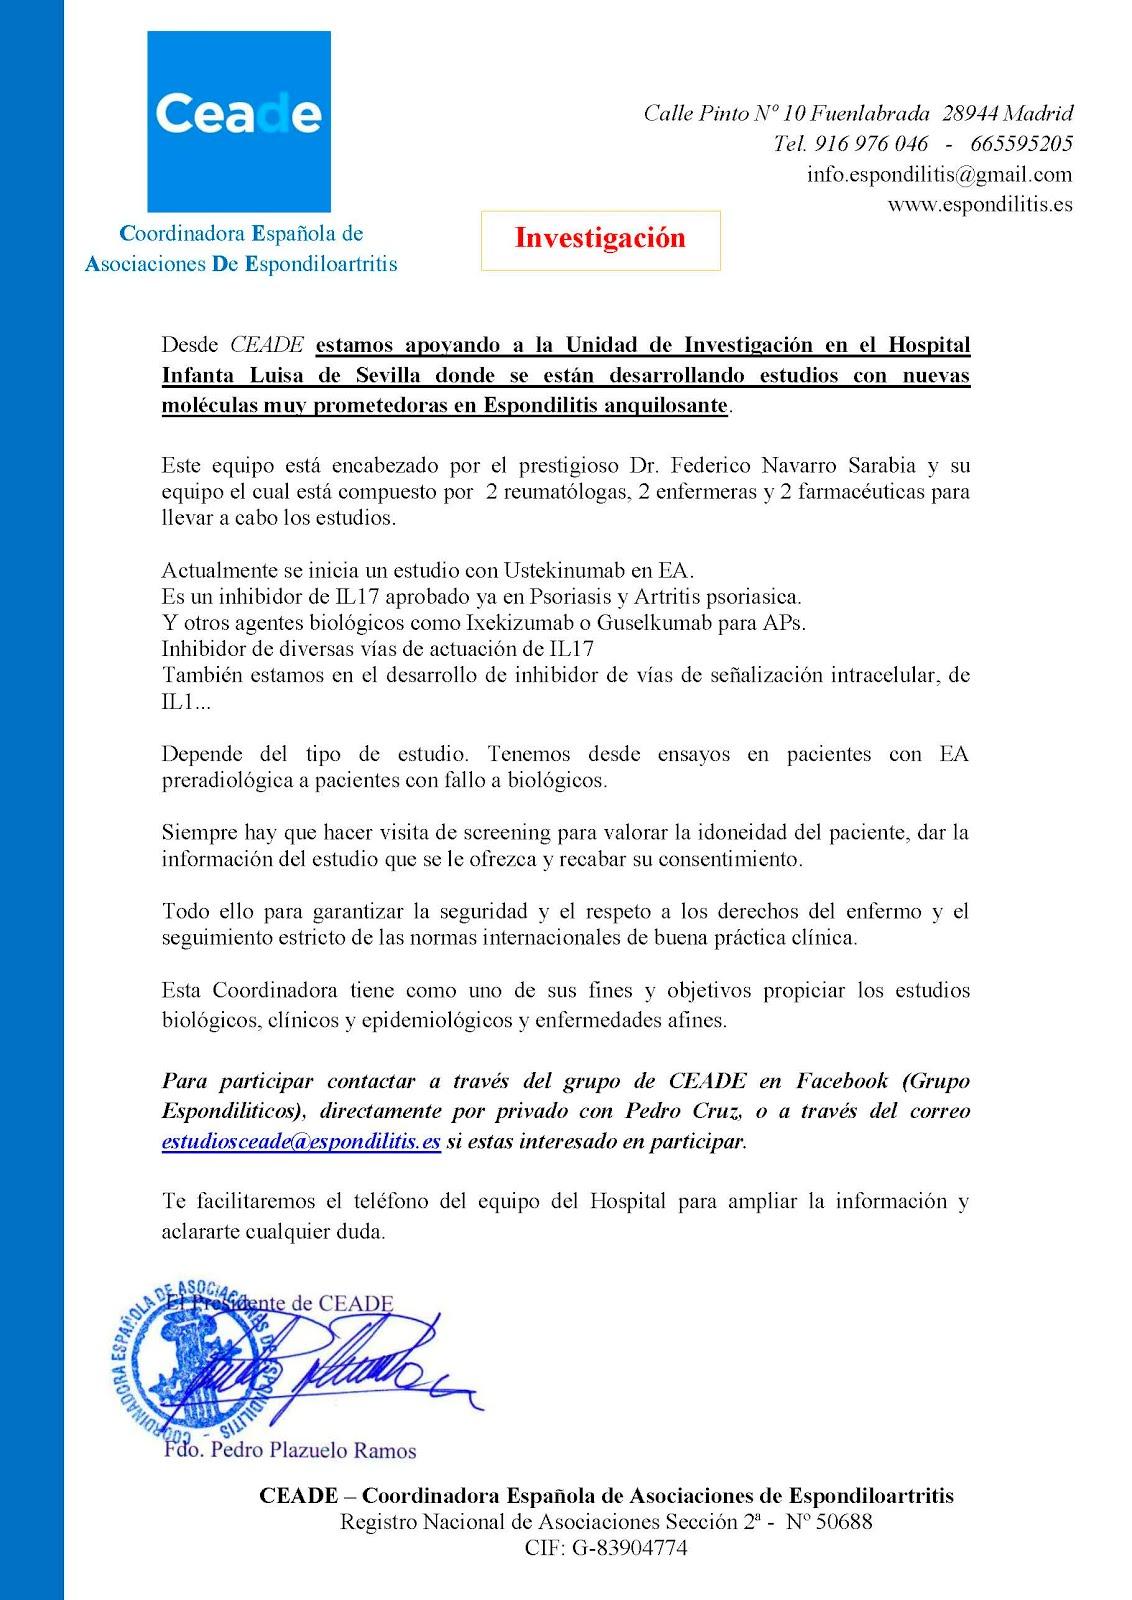 Unidad de Investigación Hospital Infanta Luisa de Sevilla